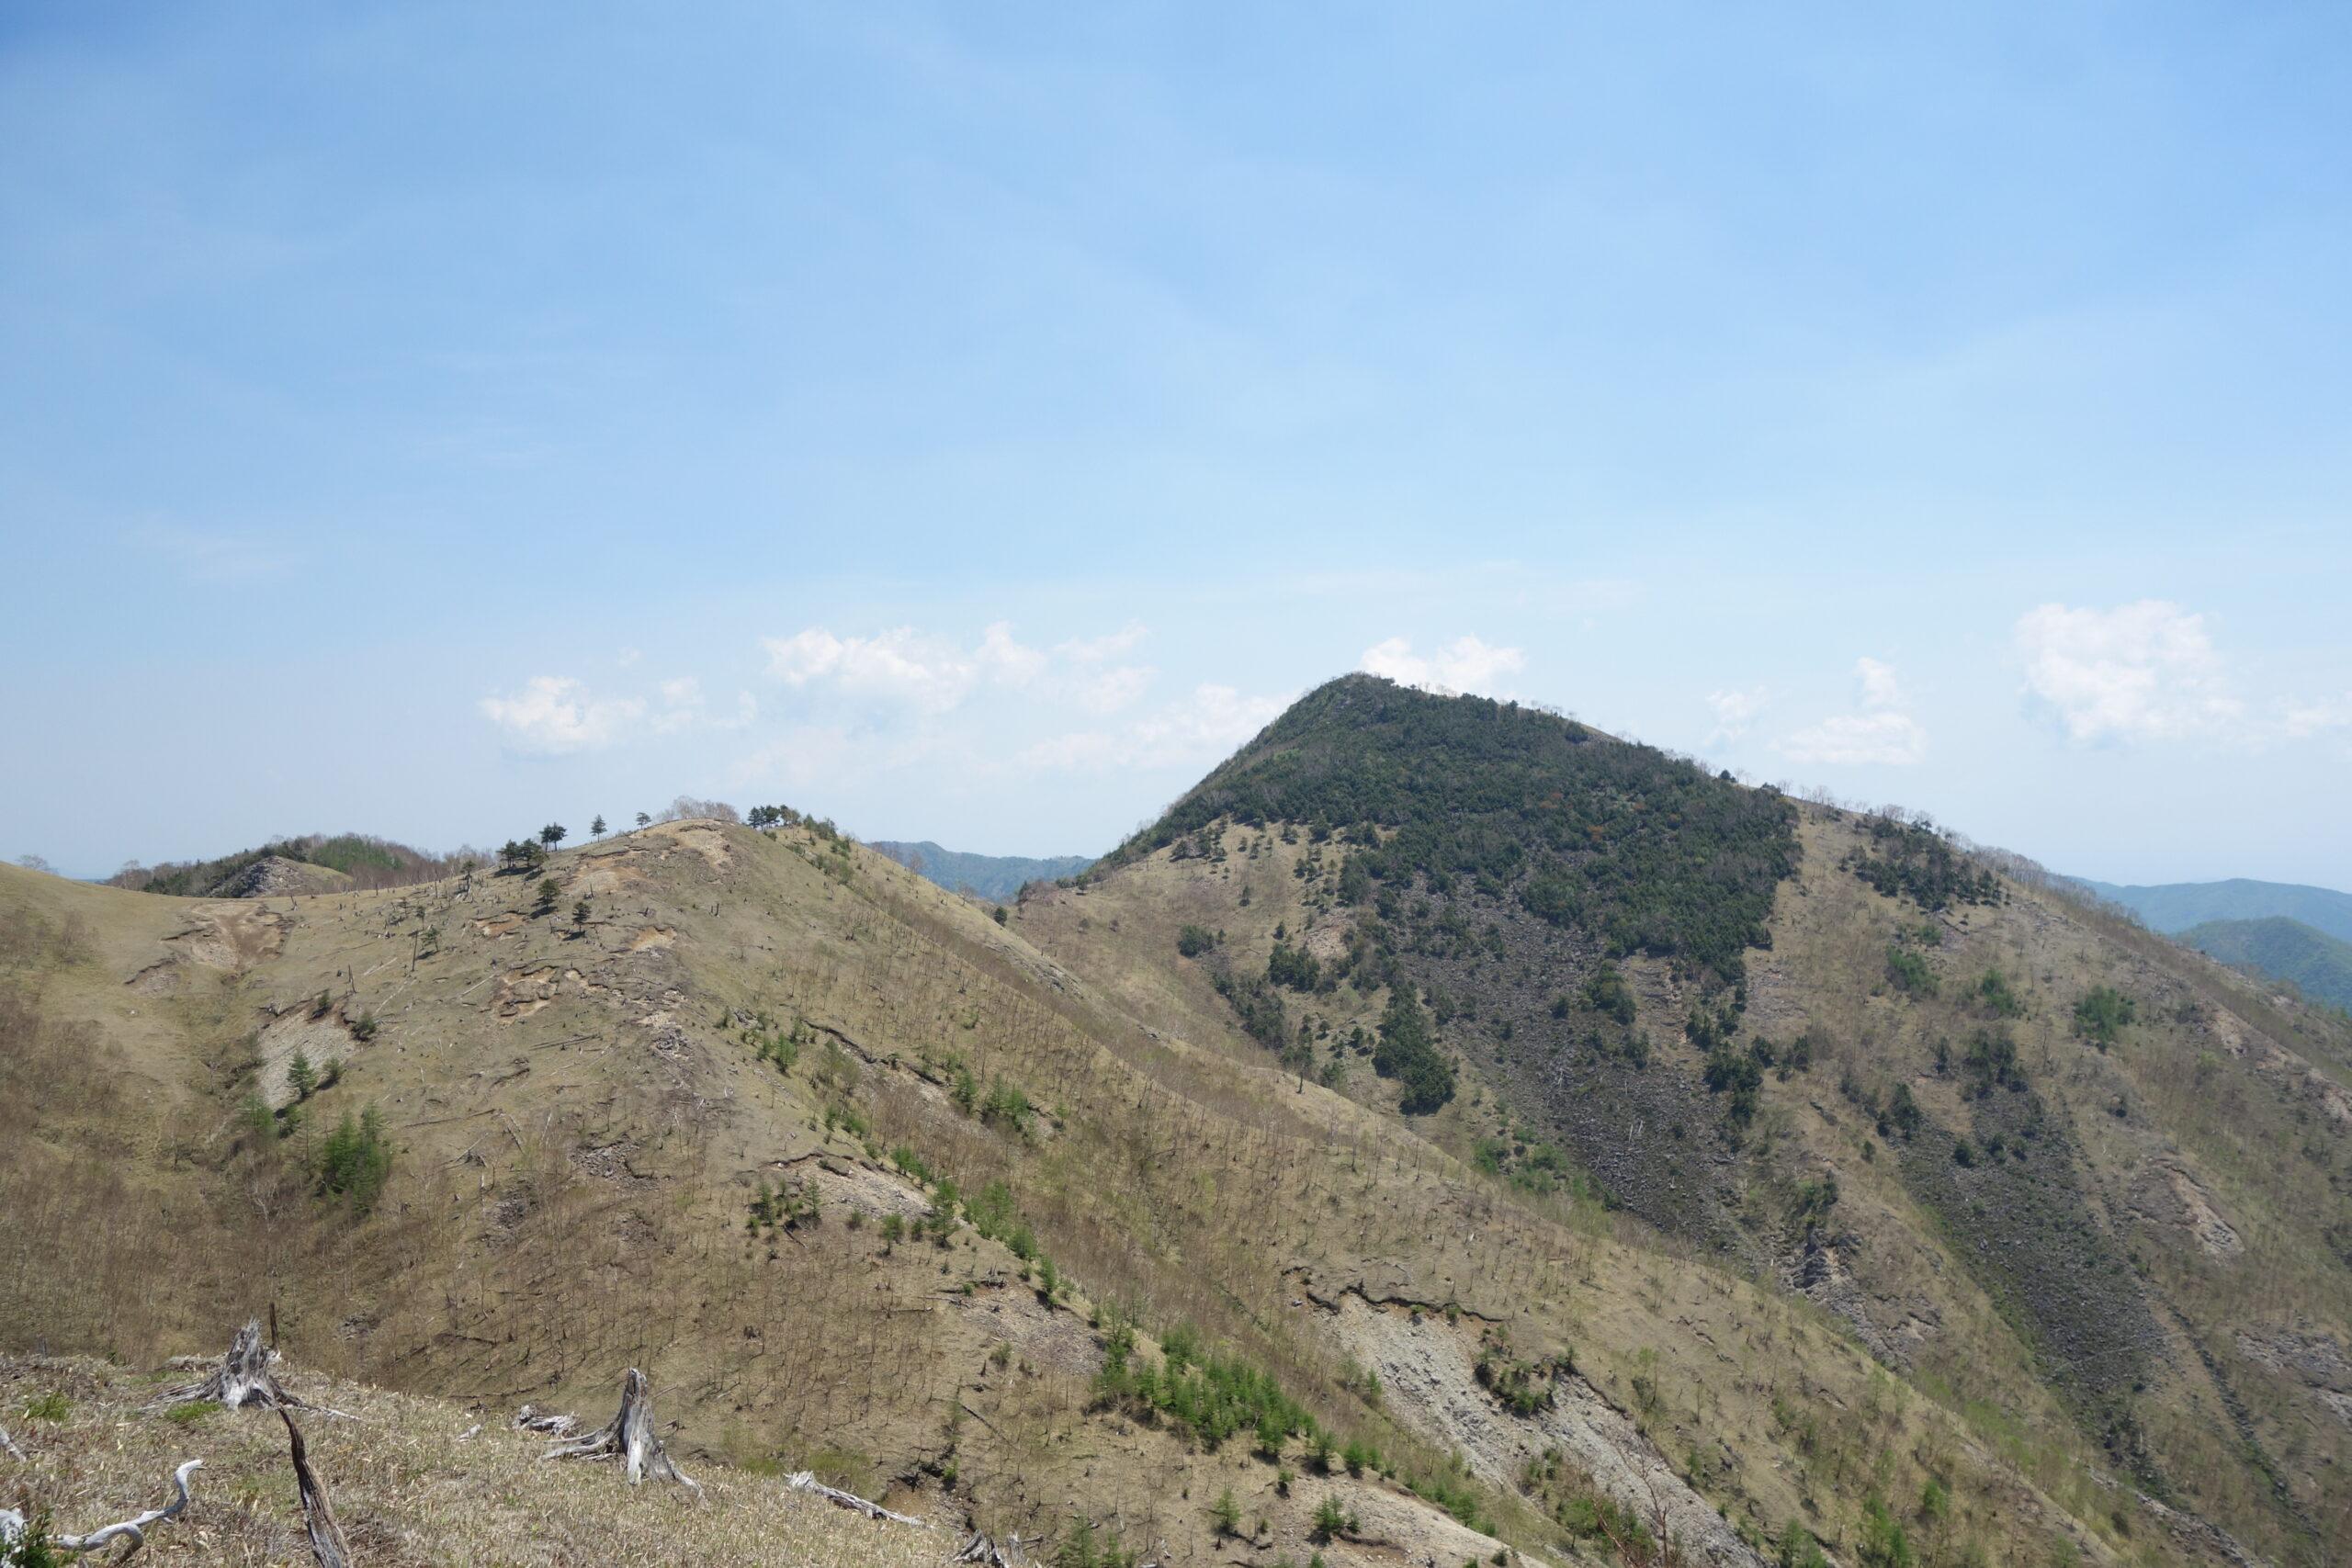 黒檜岳 社山〜黒檜岳山頂